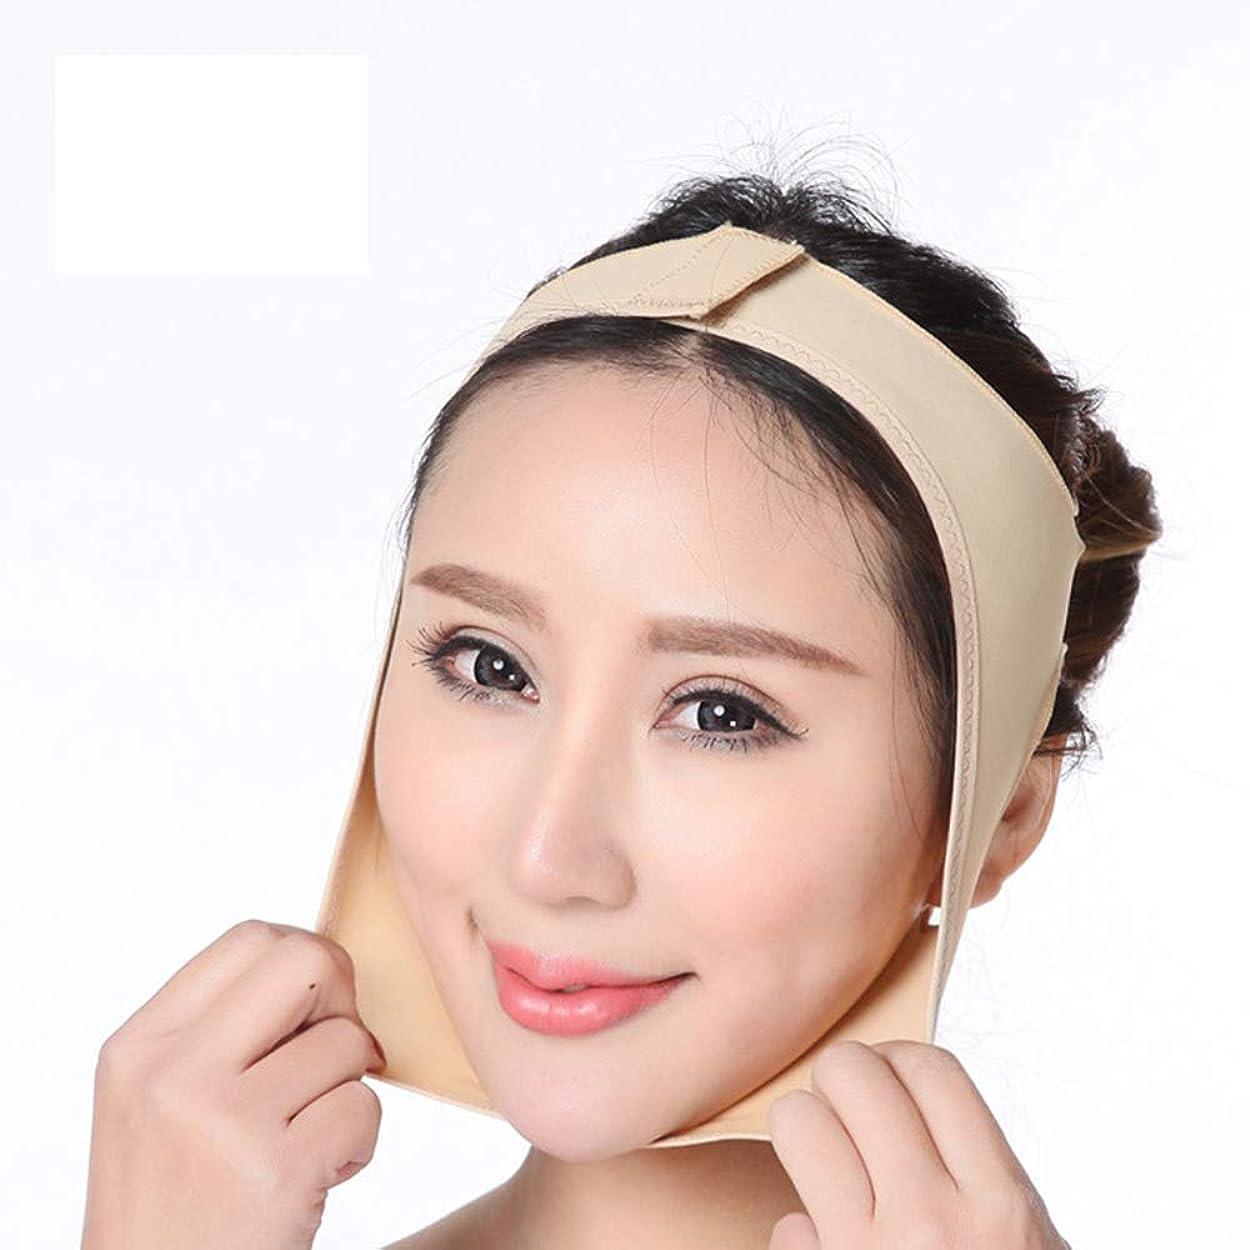 連鎖不要微生物スリミングベルトリフティングフェイスは、スリムVフェイスラインのベルトを持ち上げるVラインの顔は、顔の頬のV形状が滑らかな通気性の圧縮シンマスクをリフトアップ,L